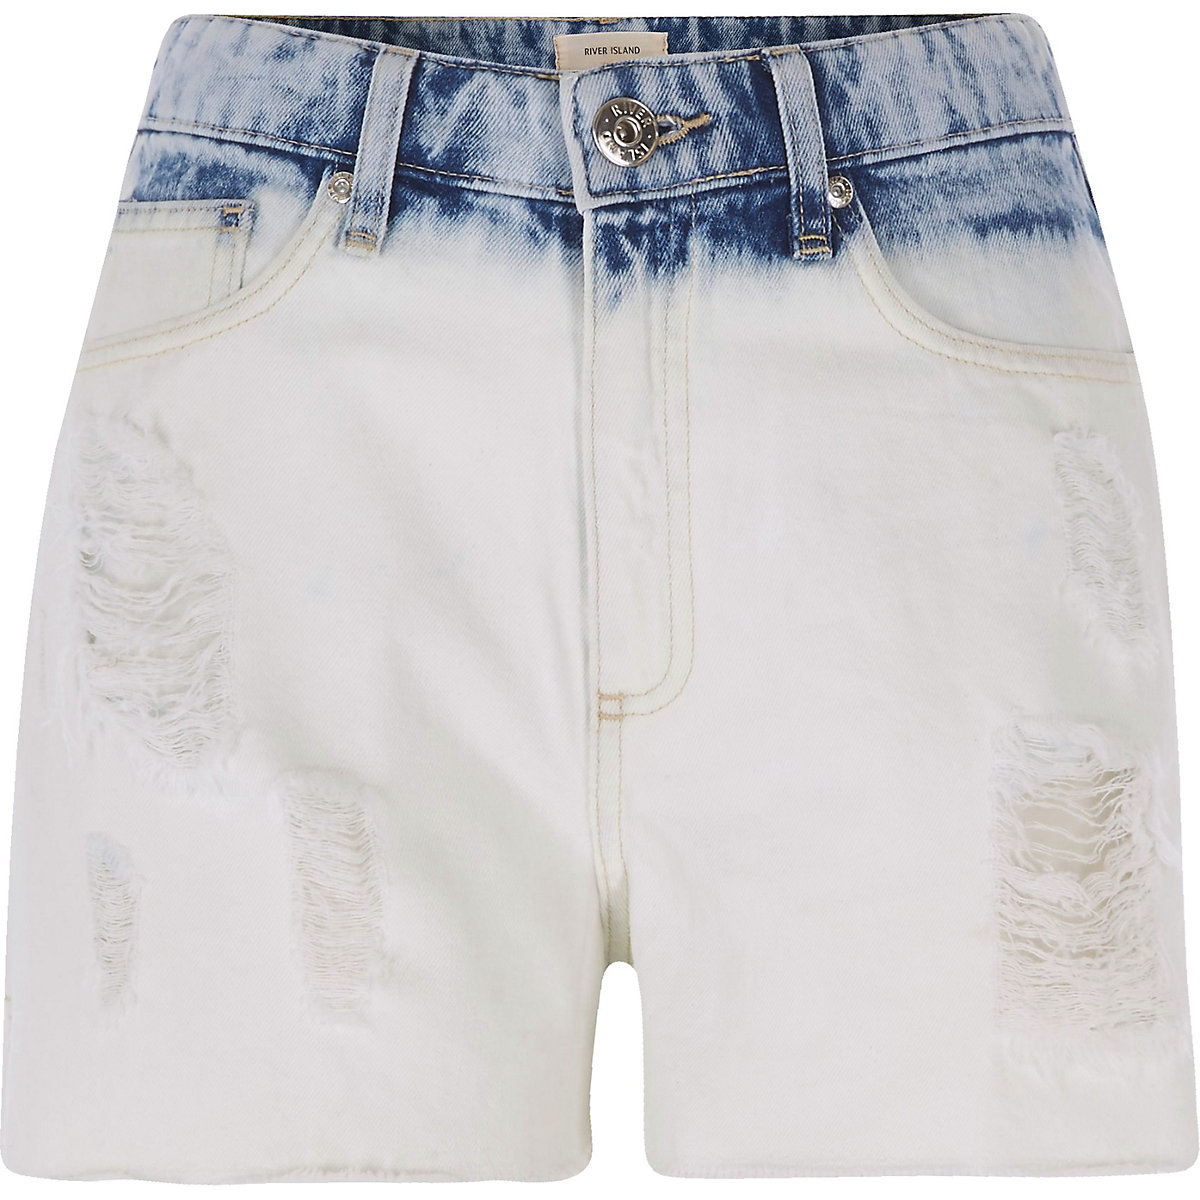 Light blue bleached high waisted denim shorts